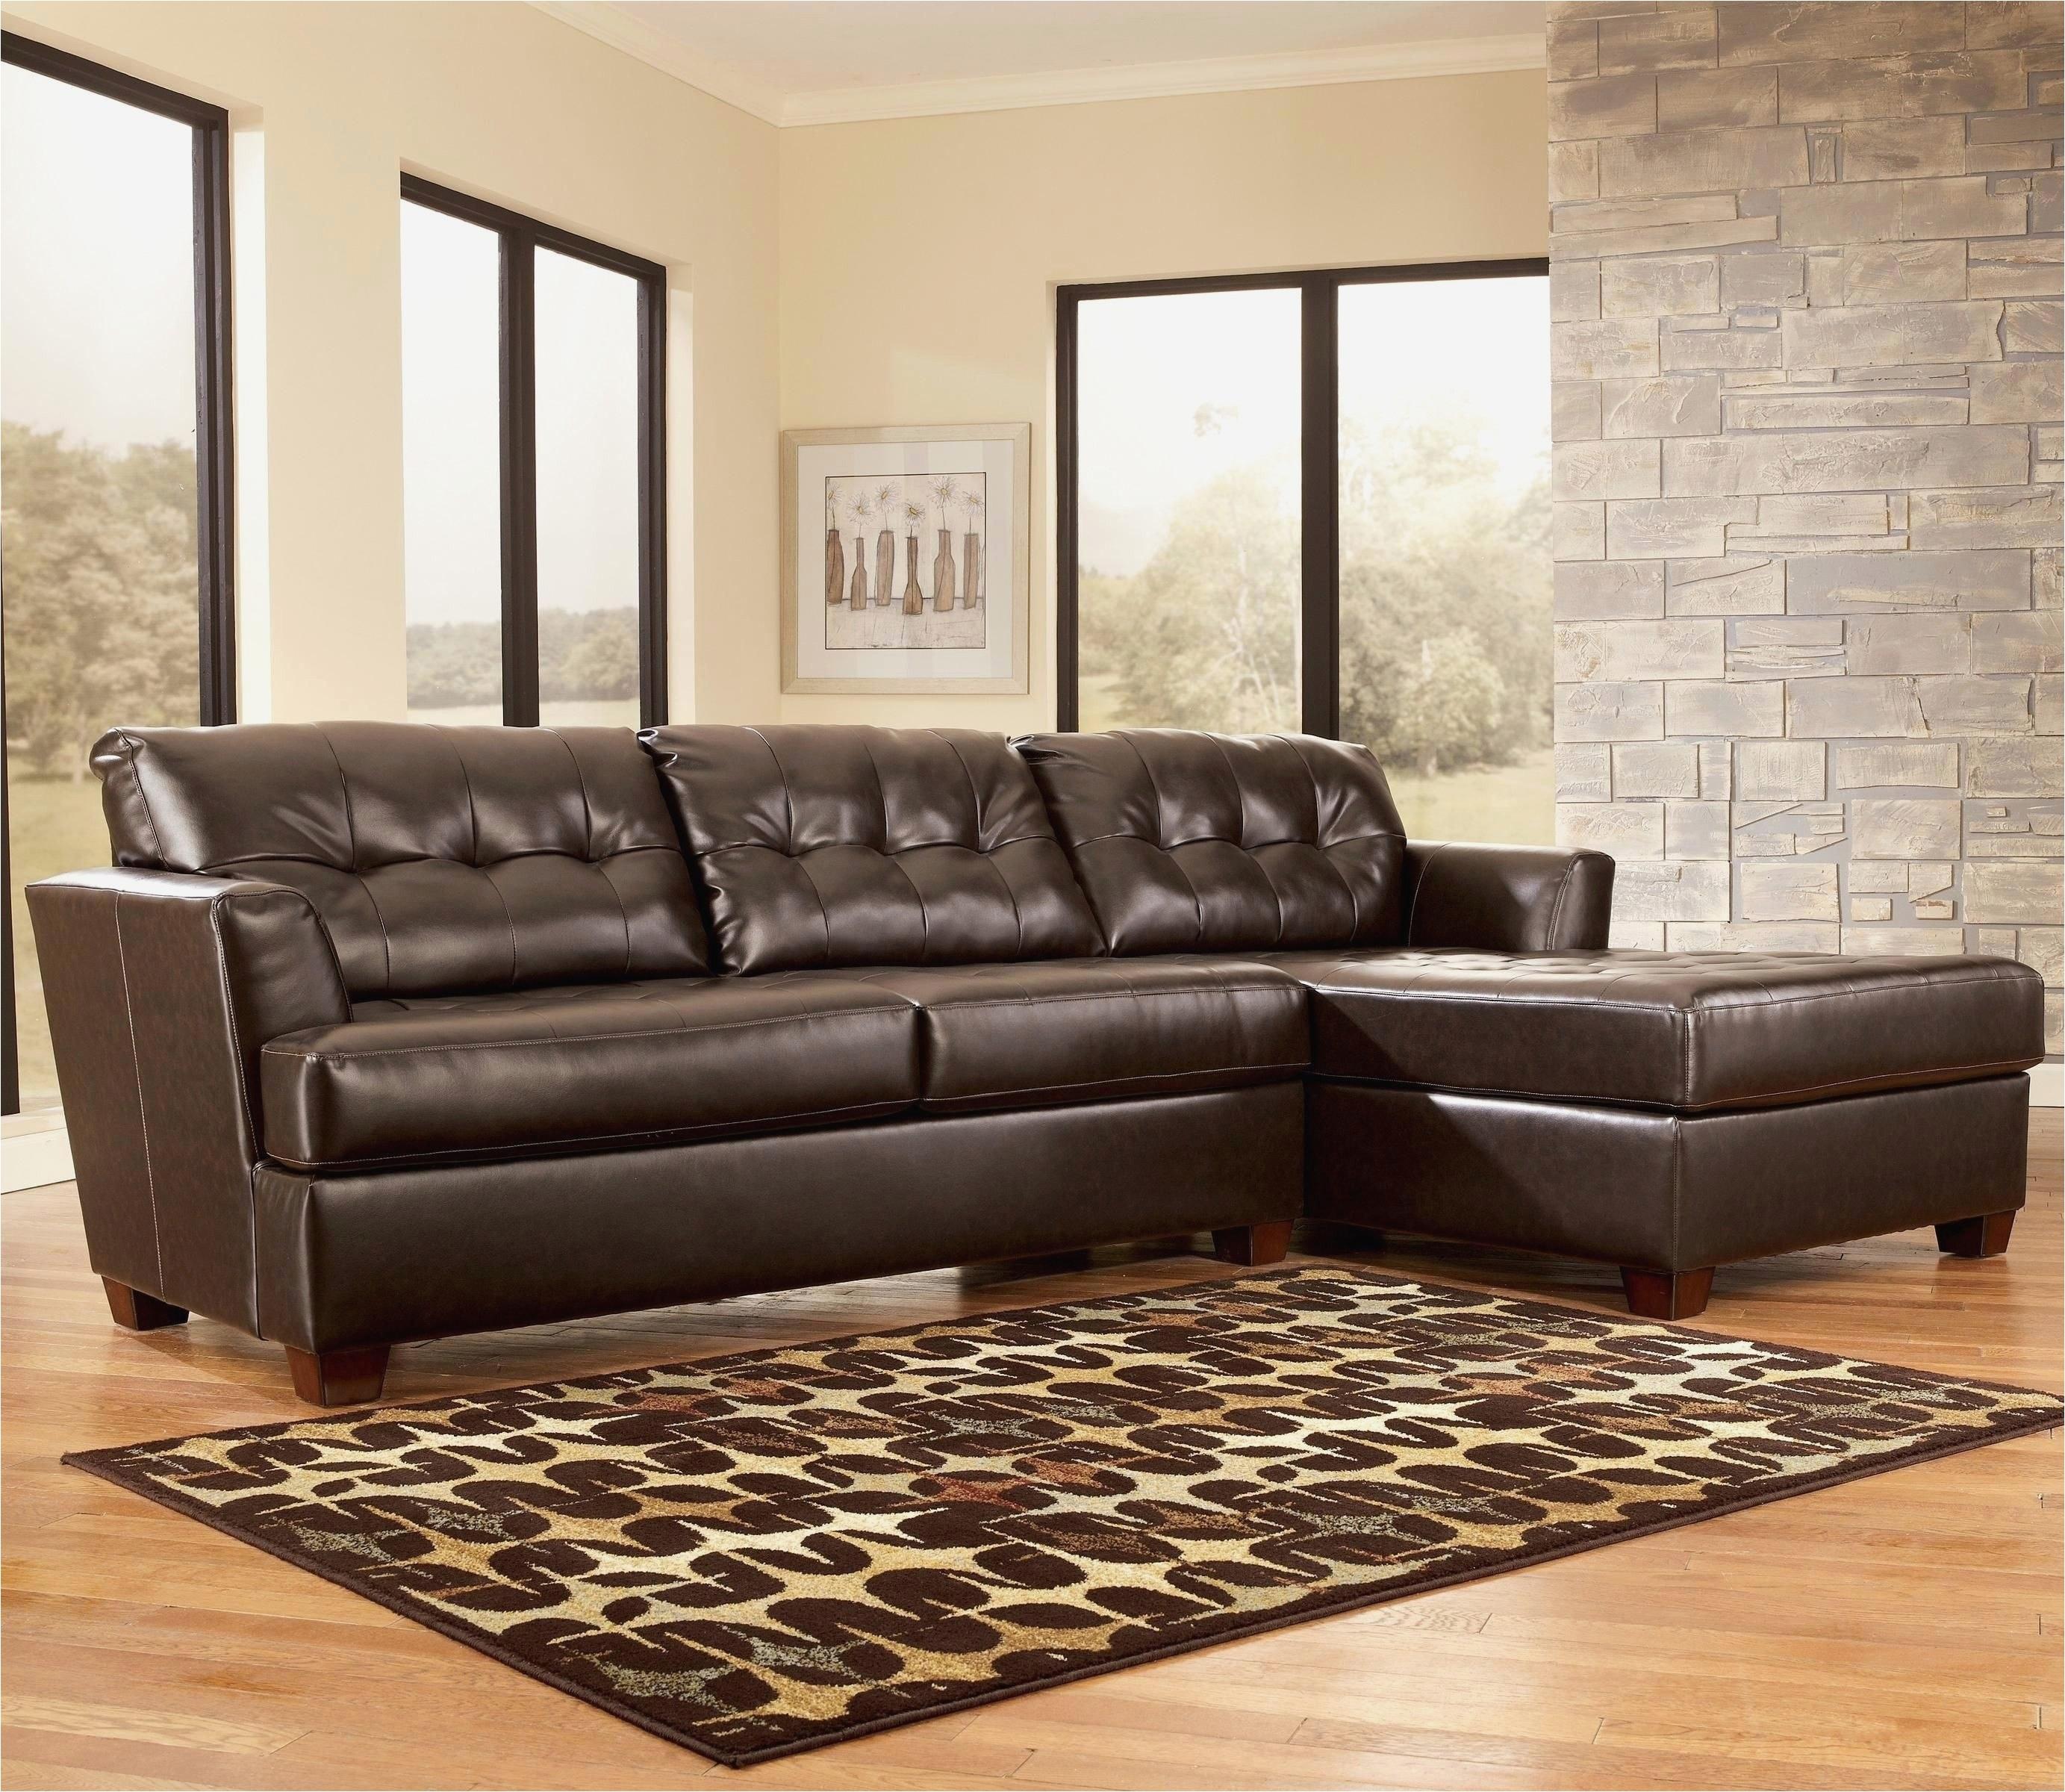 mor furniture for less phoenix az fresh 35 unique home decor furniture store pics home furniture